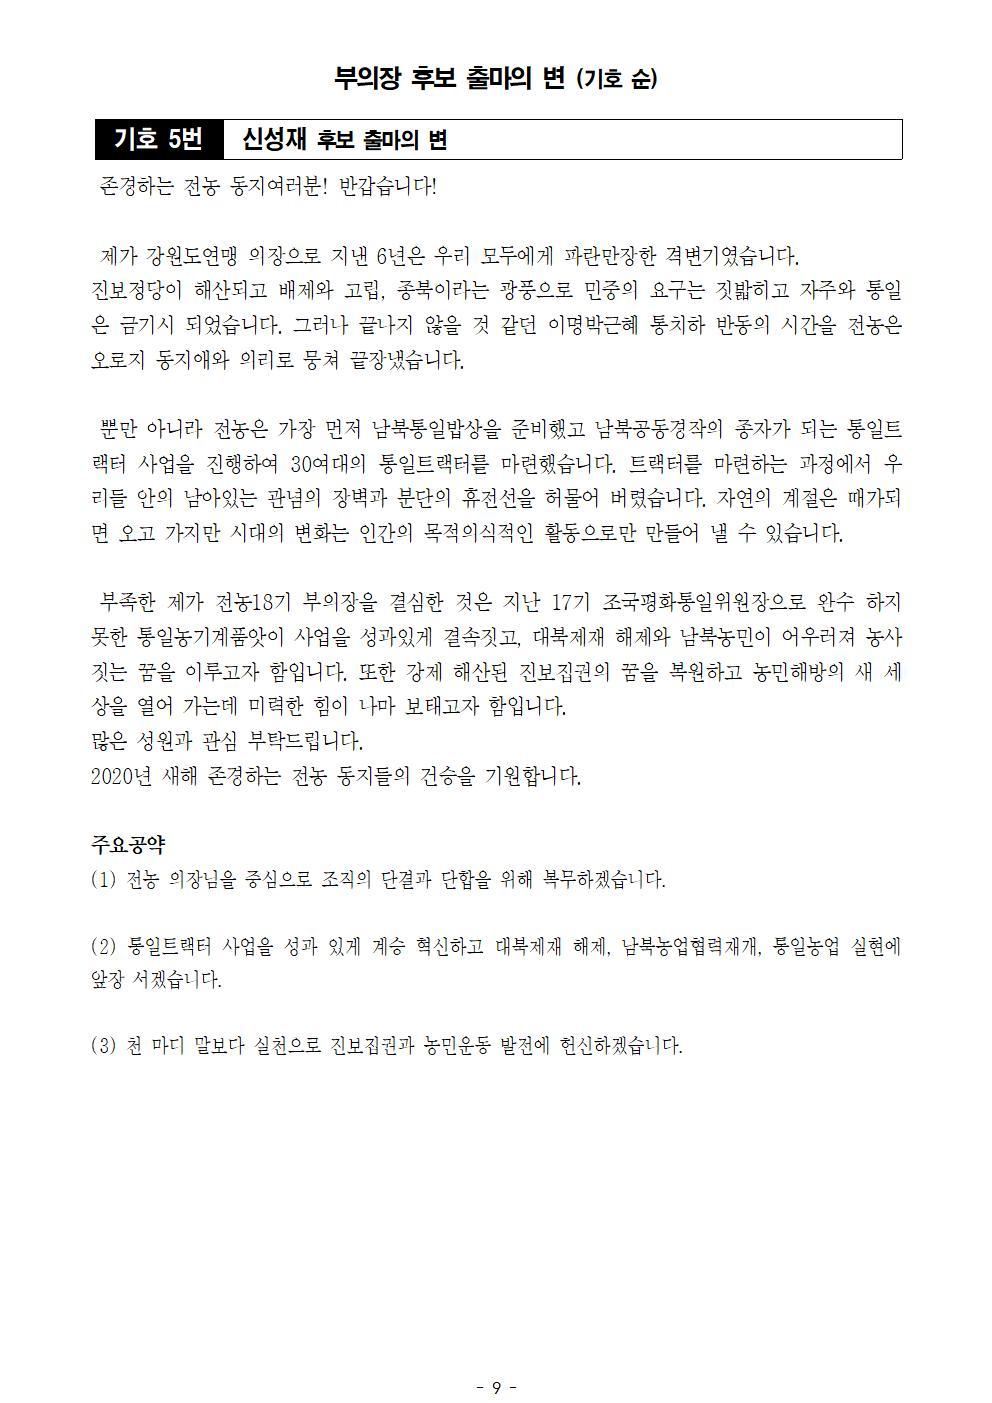 200203_18기_임원선거_선거공보009.jpg